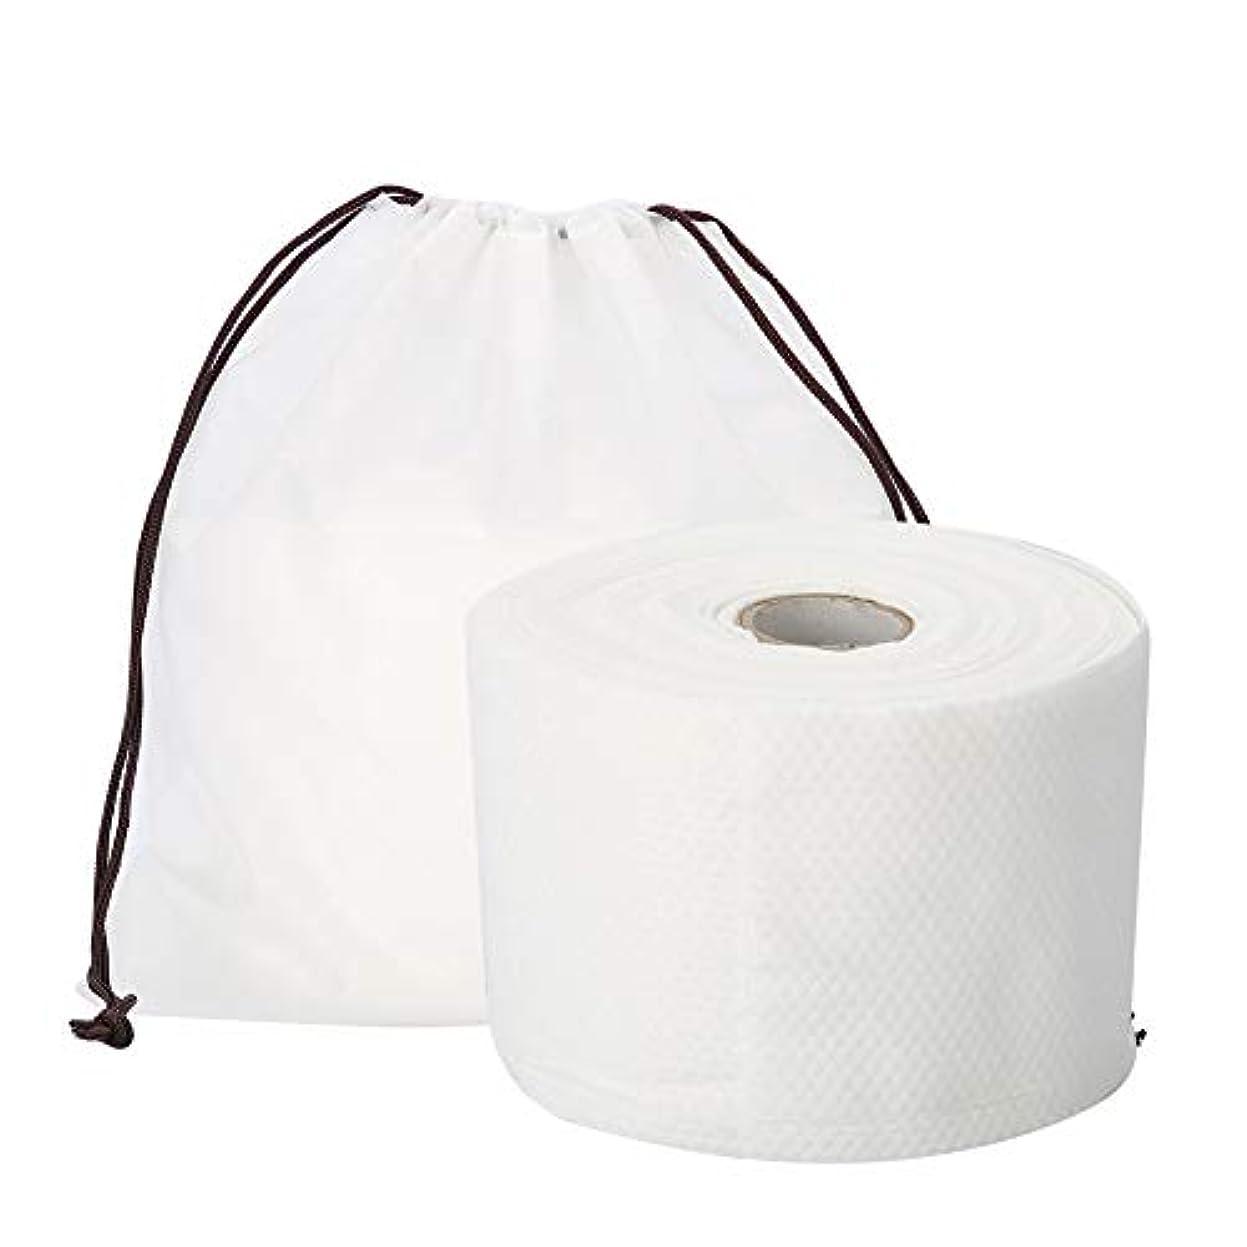 複合日食気楽なSemmeの使い捨て可能なクリーニングのフェイスタオル、毛羽立ちのない綿パッドの構造使い捨て可能なフェイスタオルの柔らかいNonwovenのクリーニングの化粧品の綿パッド25m